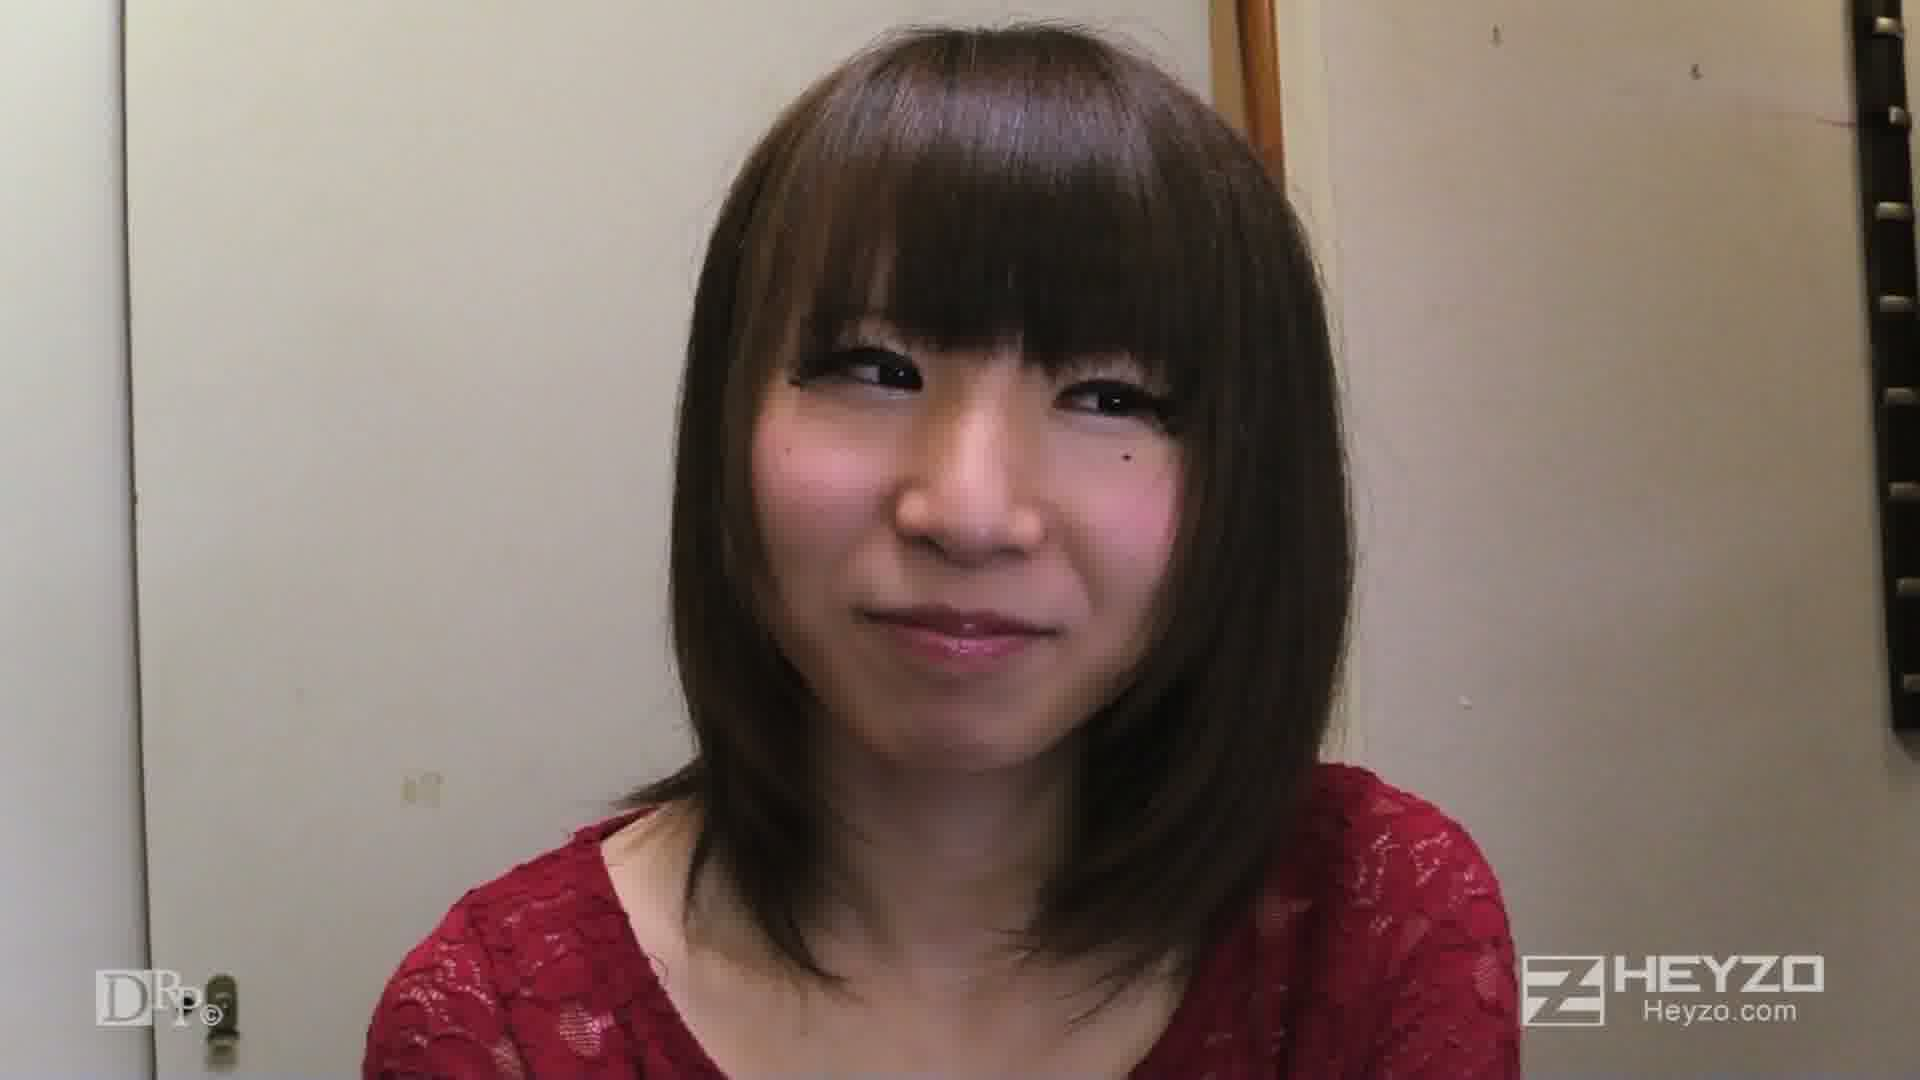 即撮影!AV面接3 前編 - 桜夜まよい【インタビュー 感度テスト】